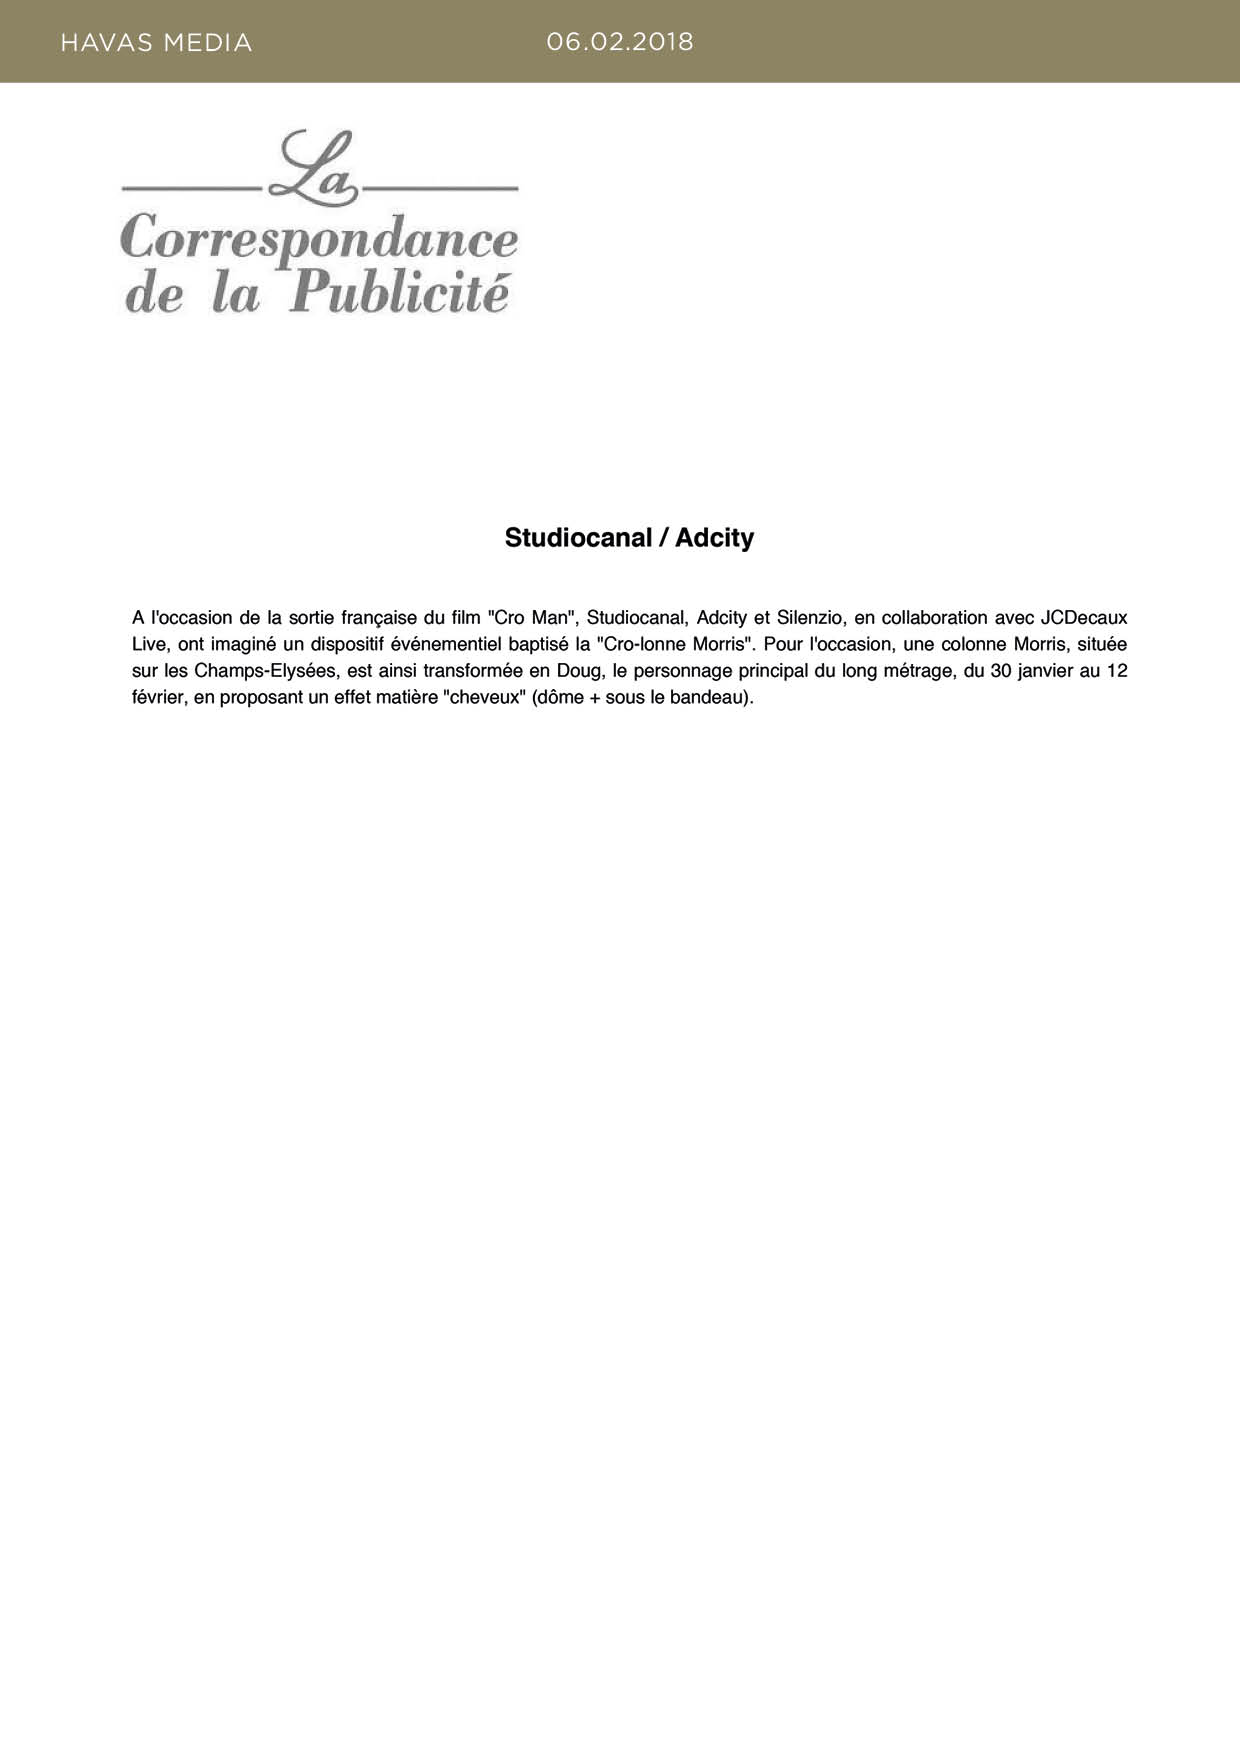 BOOKMEDIA_FEV_WEB40.jpg